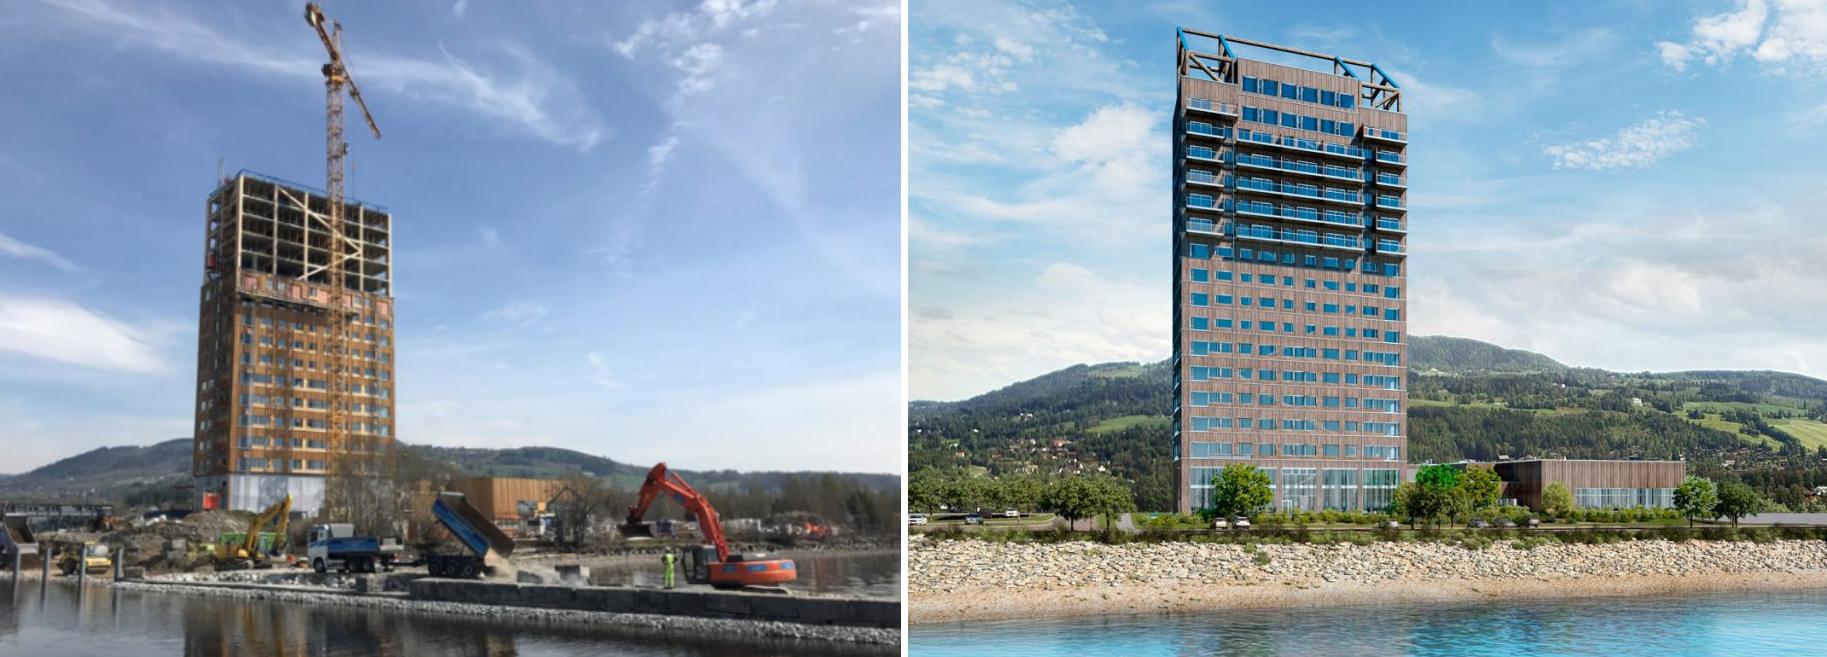 Il grattacielo in legno pi alto del mondo idealista news for Grattacielo piu alto del mondo